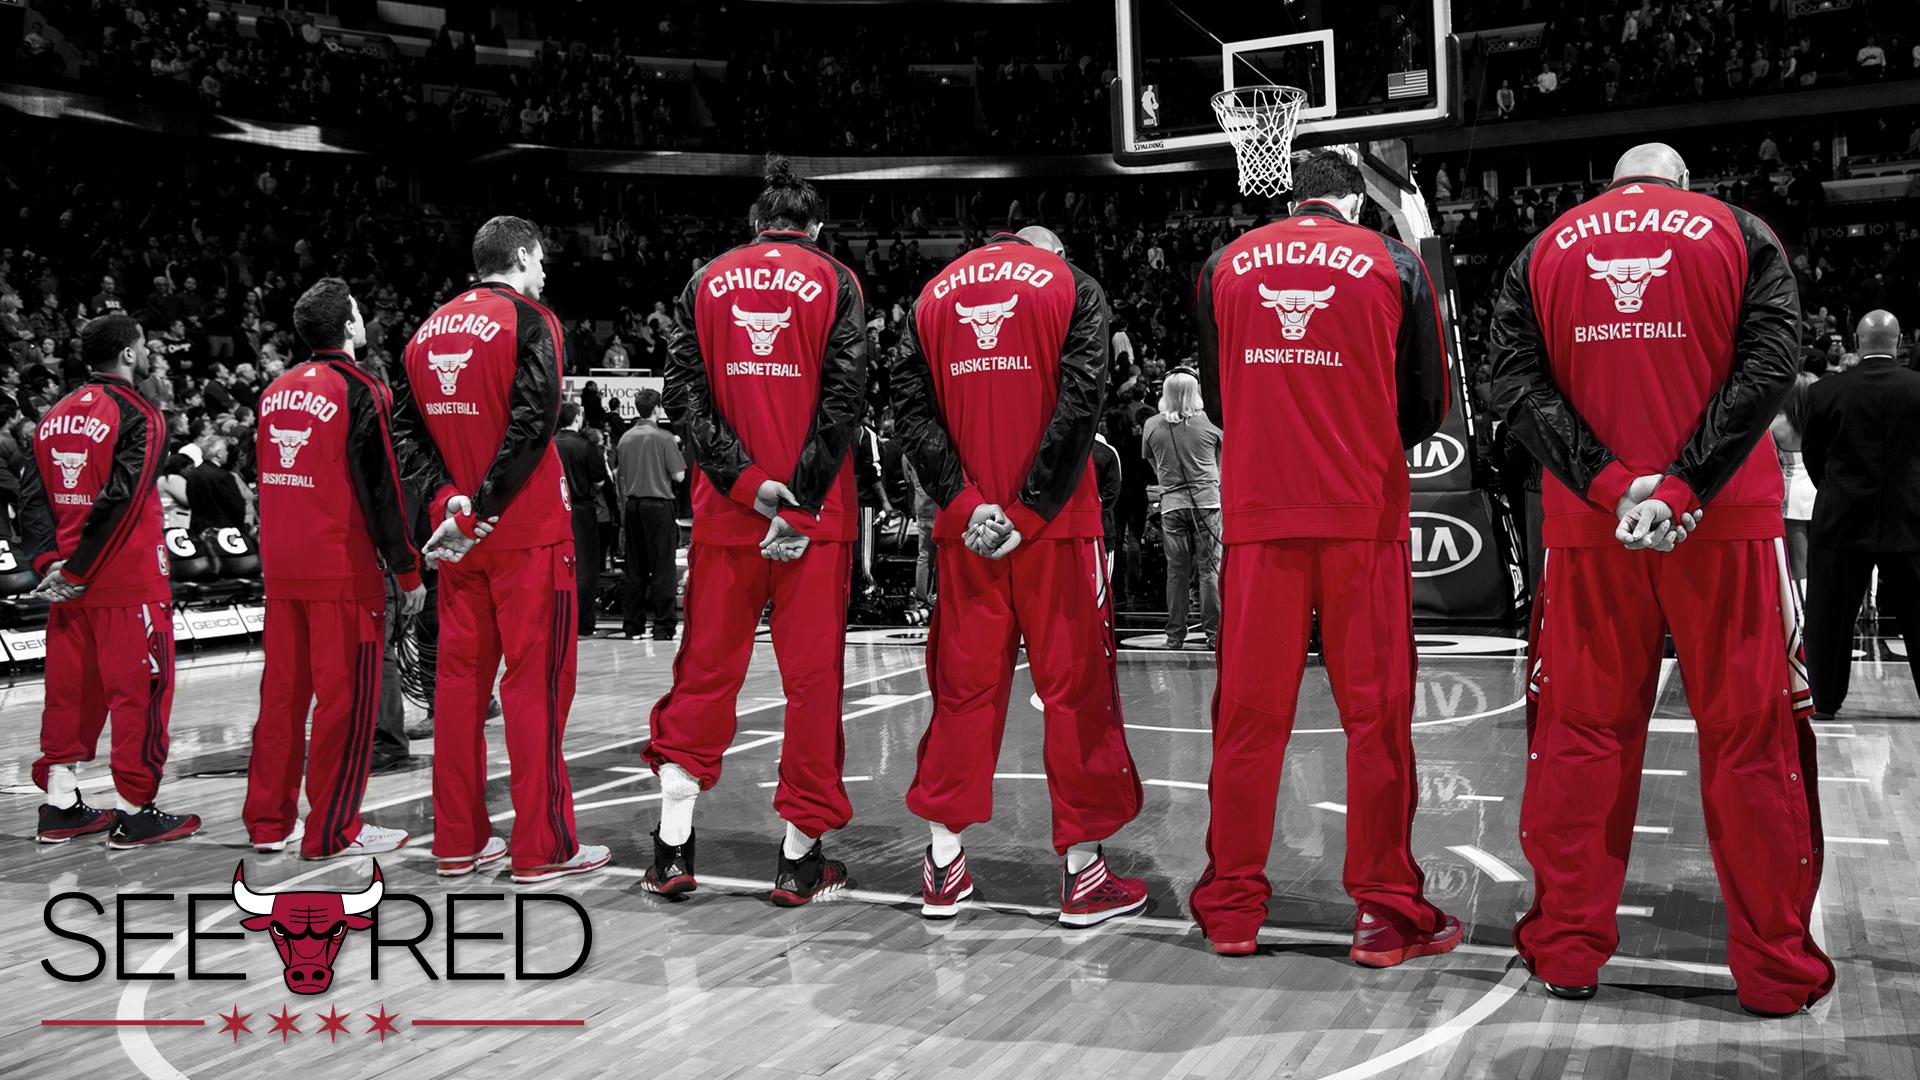 See red chicago bulls playoffs voltagebd Gallery